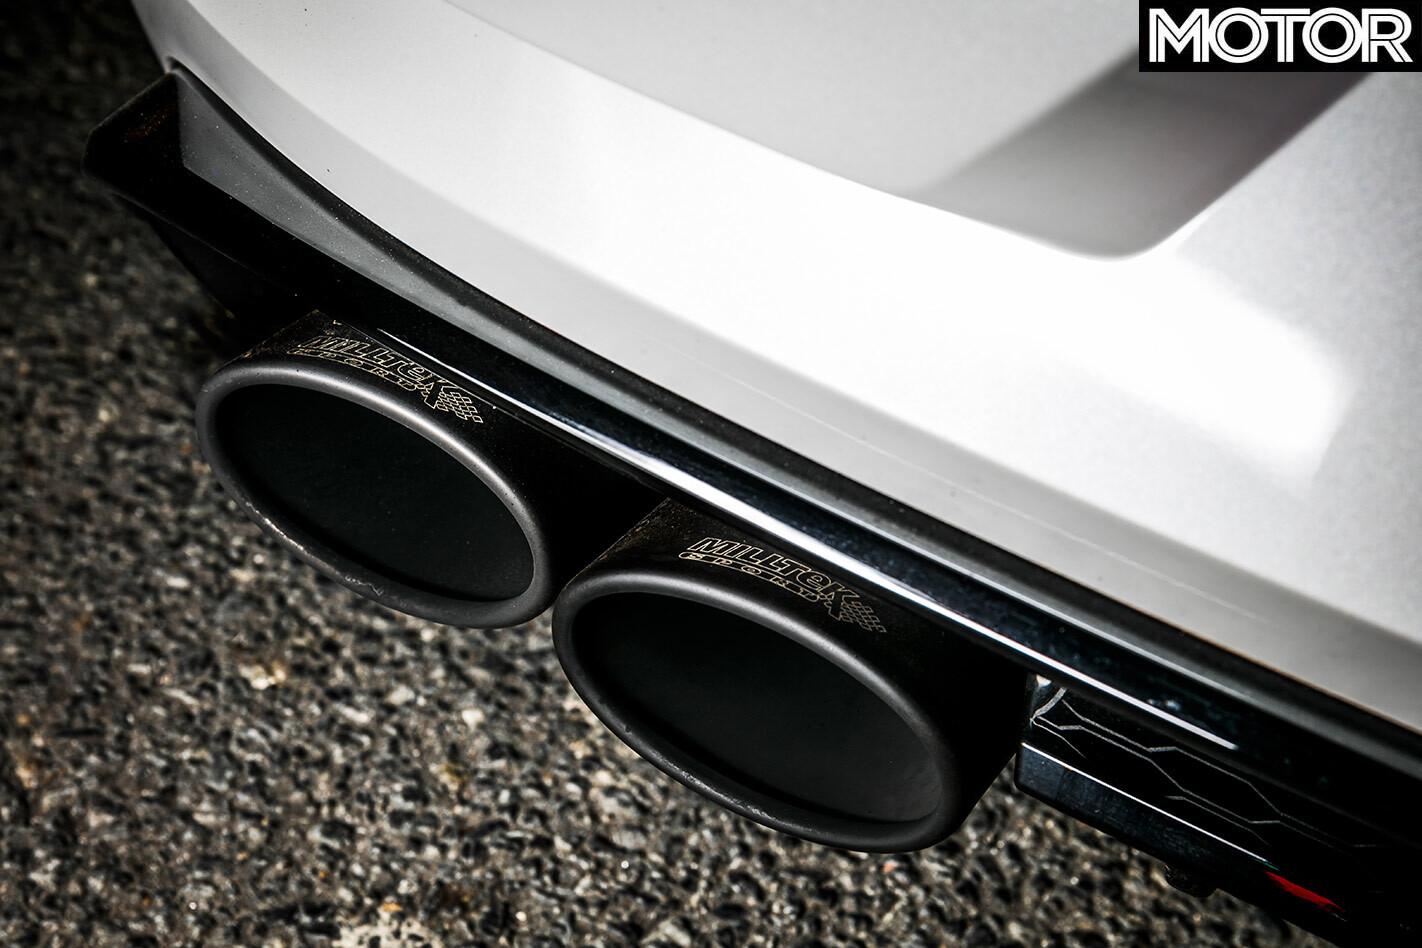 Volkswagen Golf R exhaust